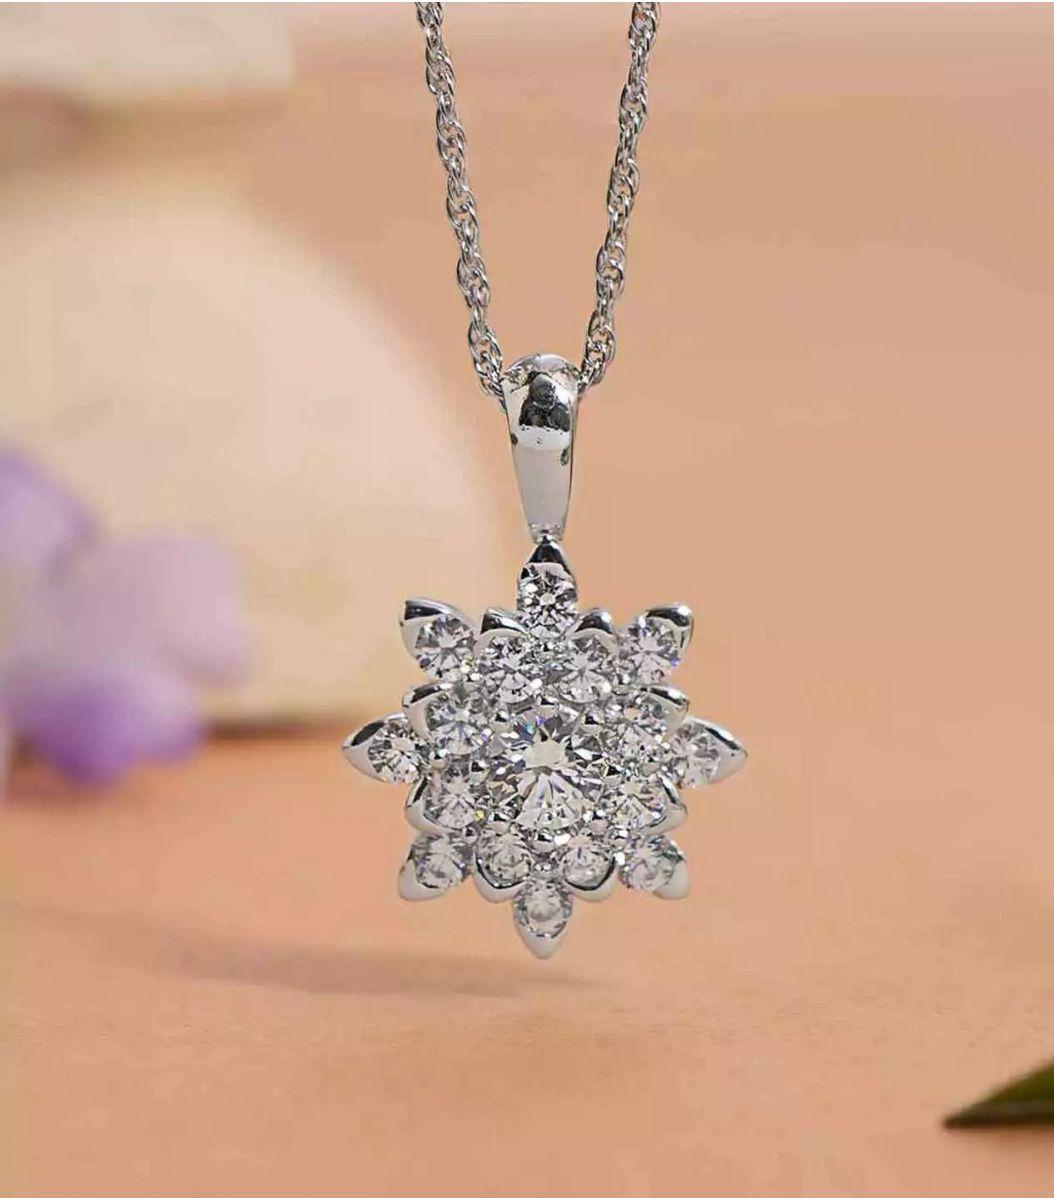 Silver Stone Chain Pendant FJ1647791